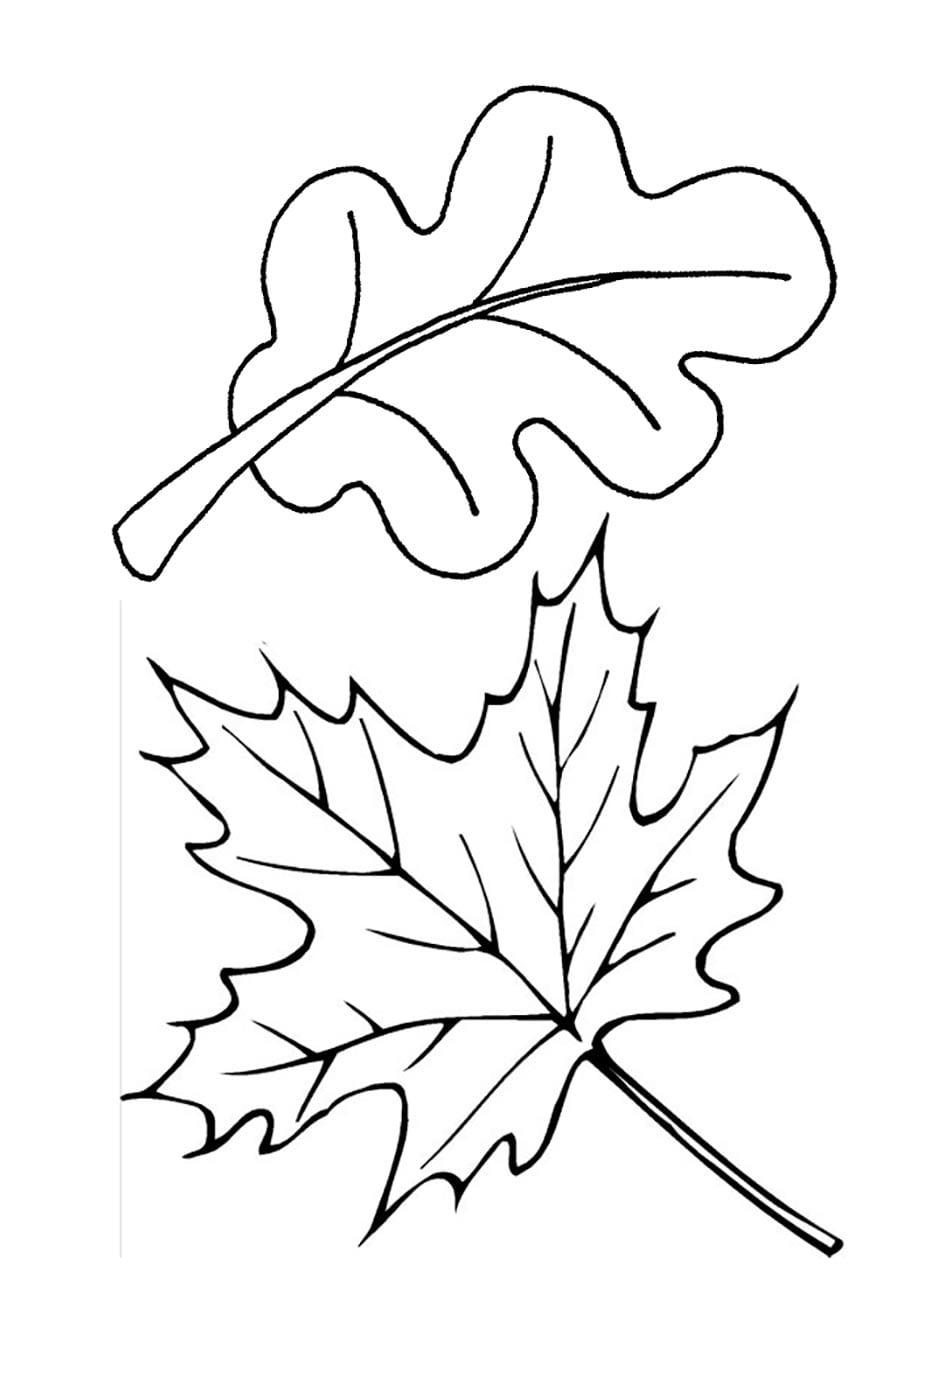 Раскраски осенних листьев для детей - 9